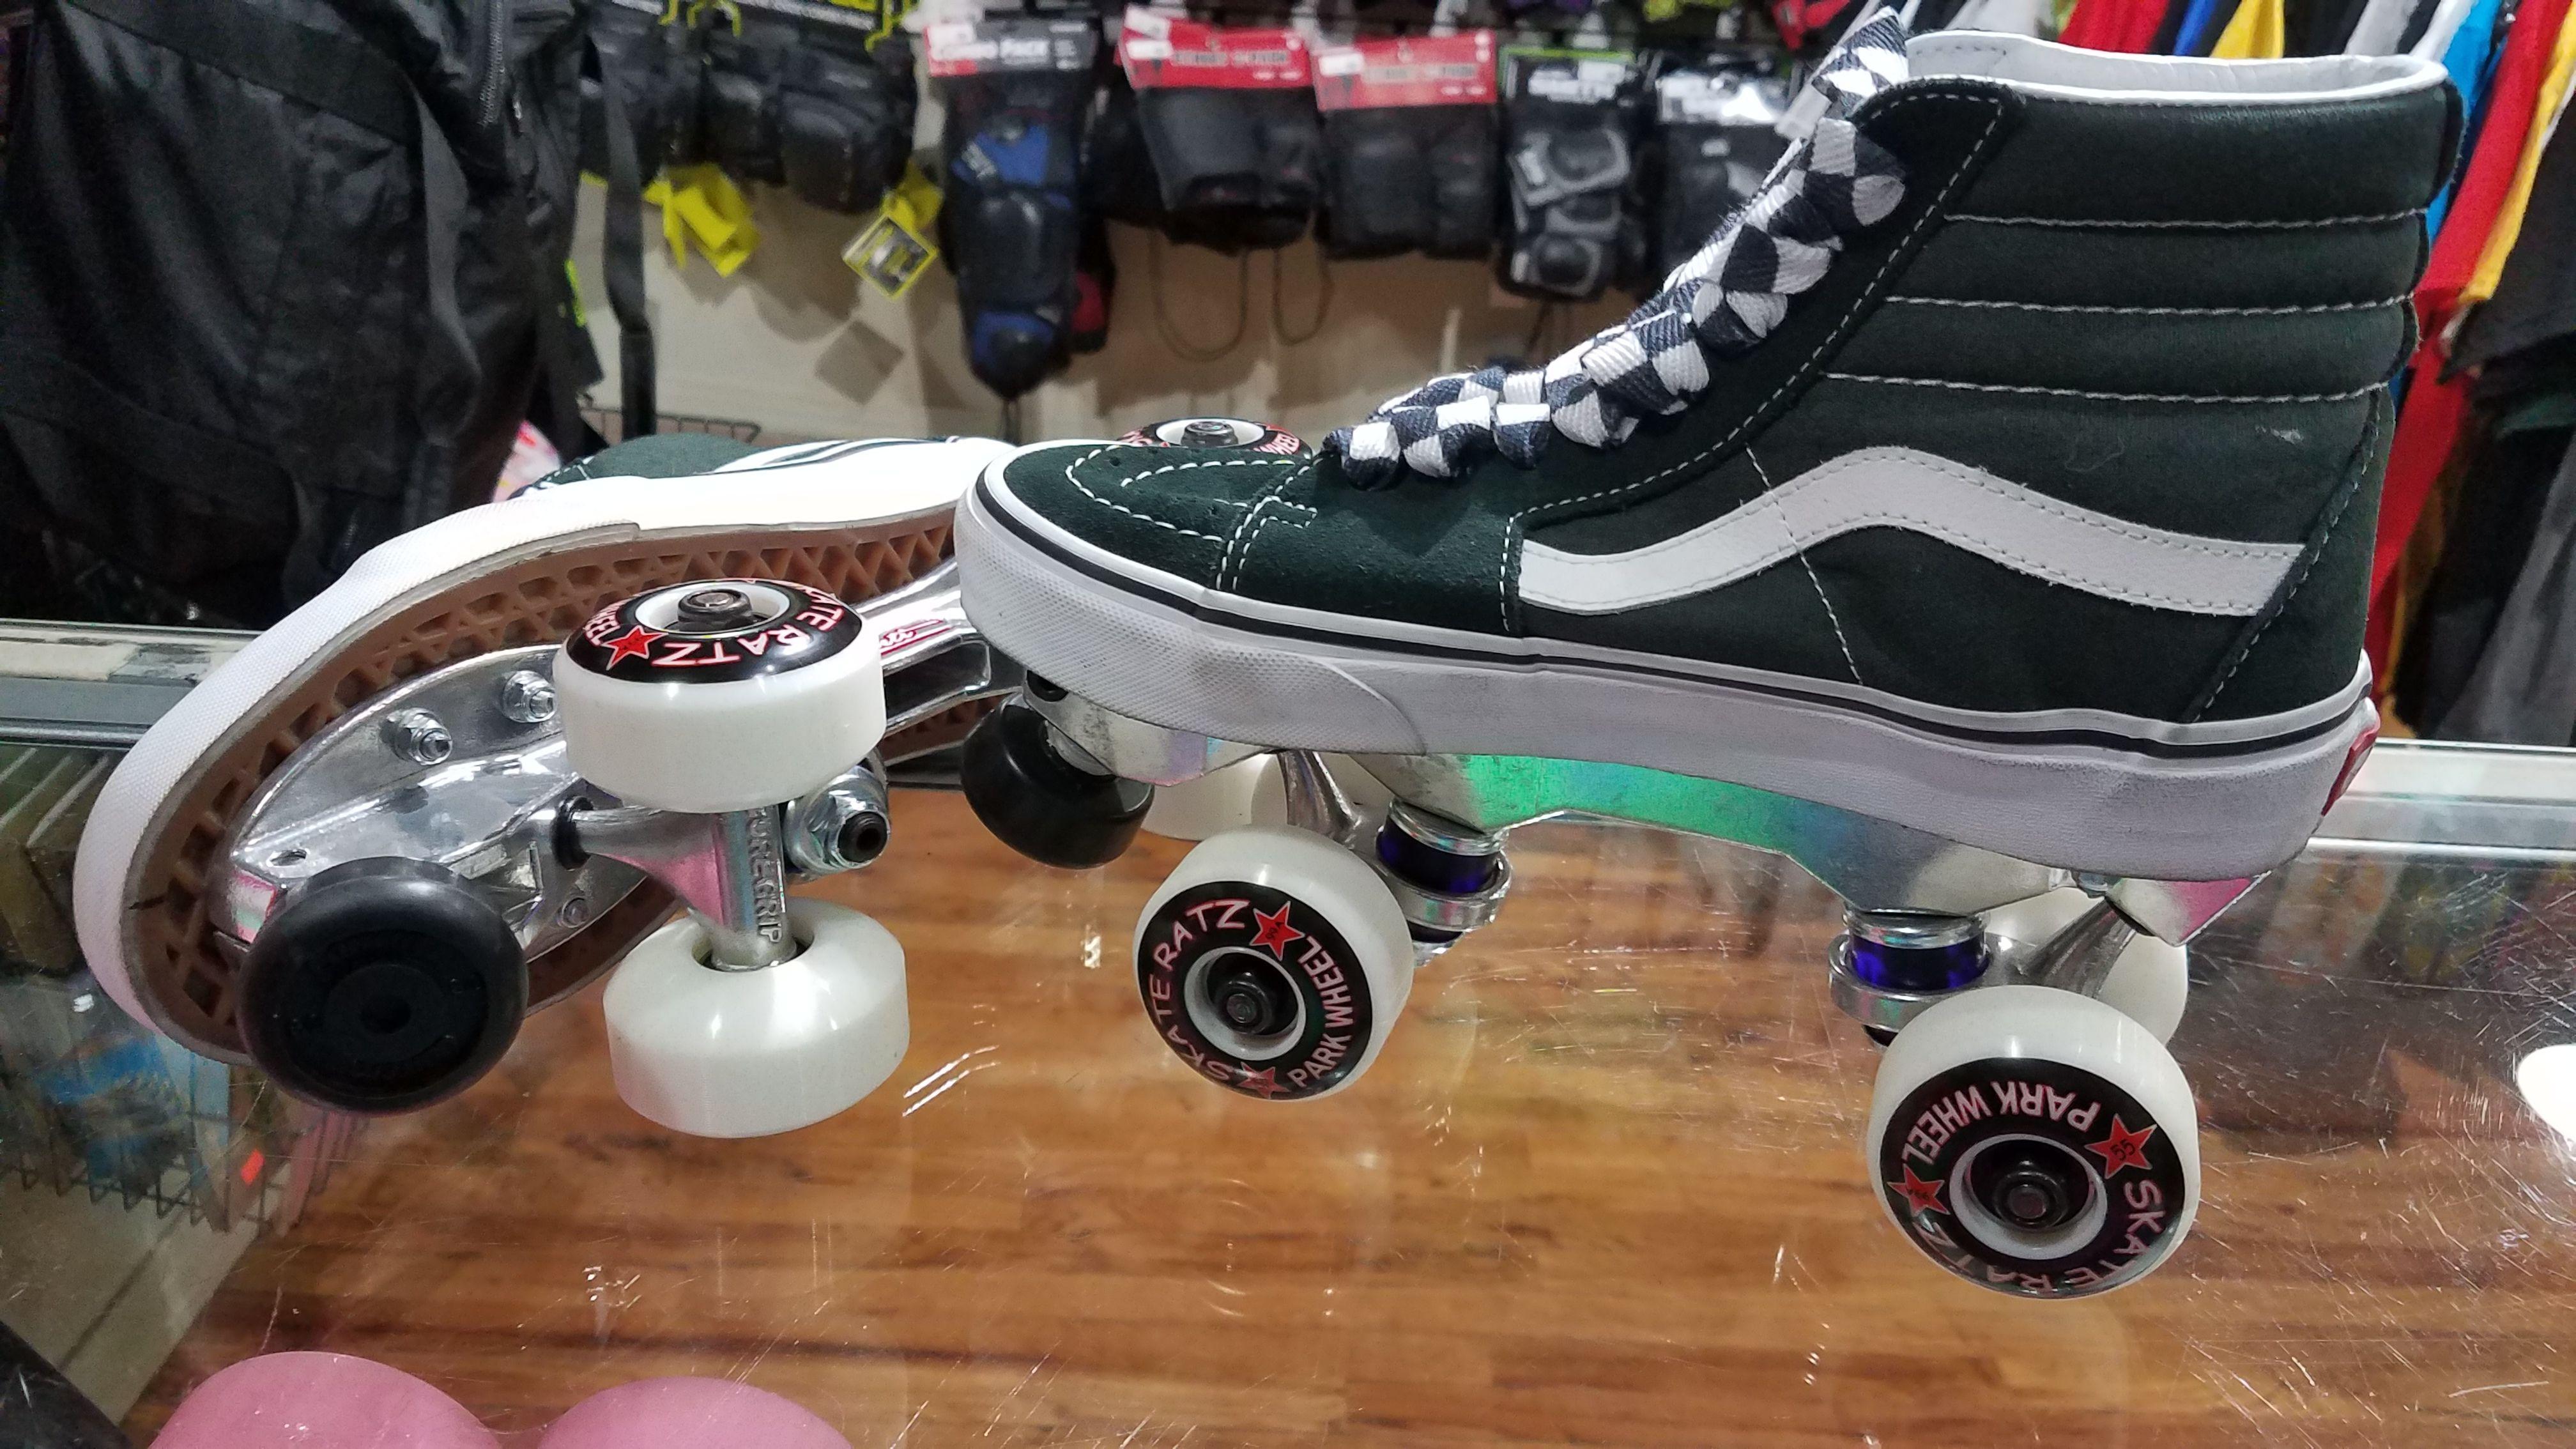 fe8776c96654 Vans Chicks in Bowls custom roller skates CIB skatepark skate. An Outdoor  set up with Vans Sk8 Hi shoes